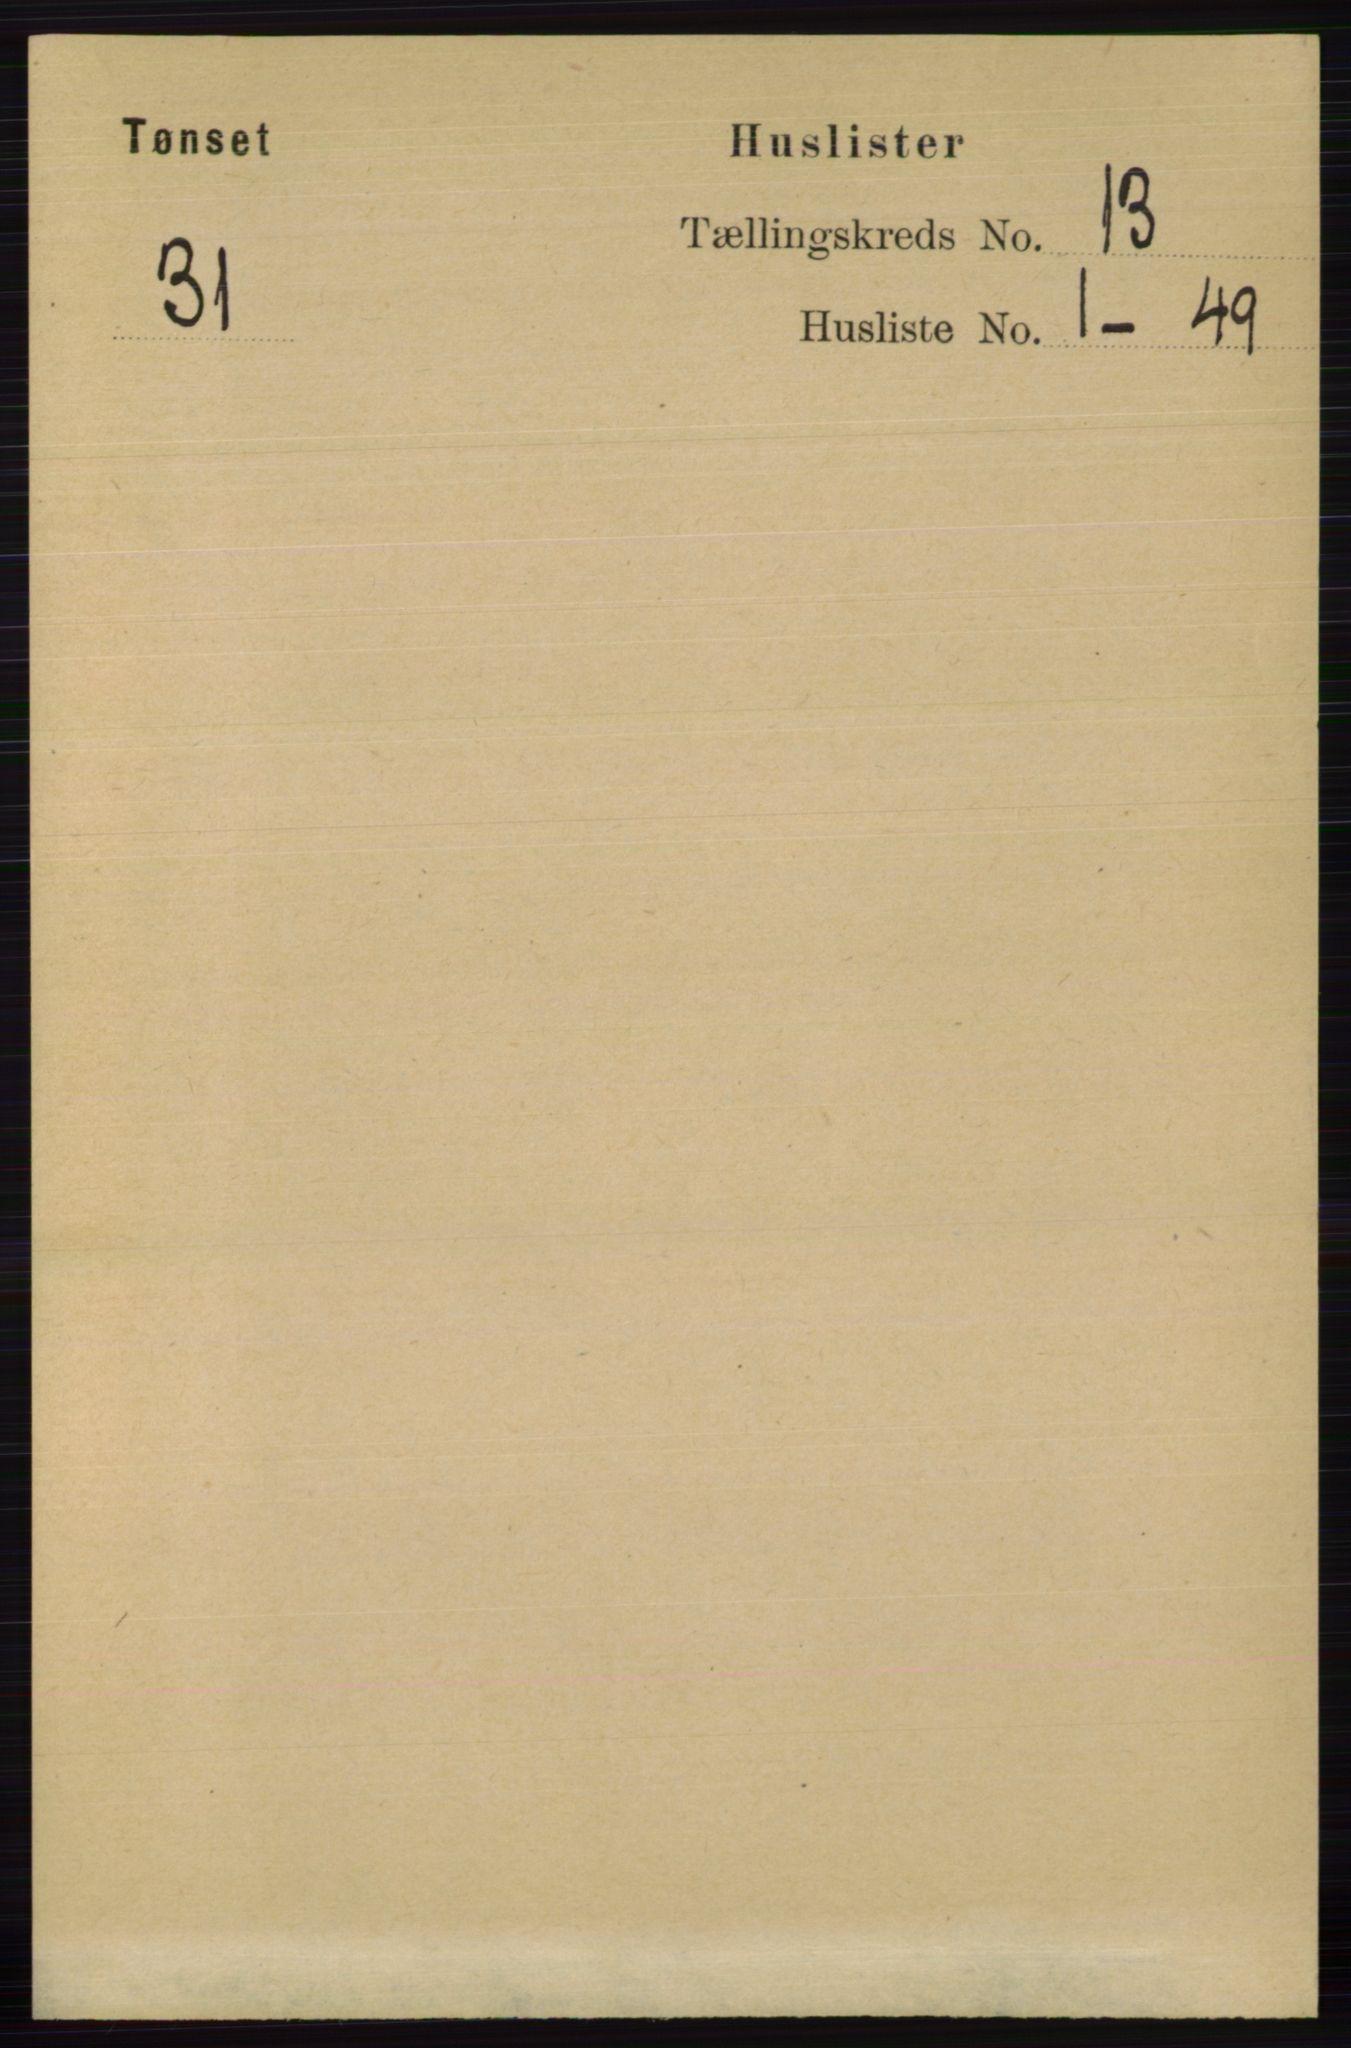 RA, Folketelling 1891 for 0437 Tynset herred, 1891, s. 3463